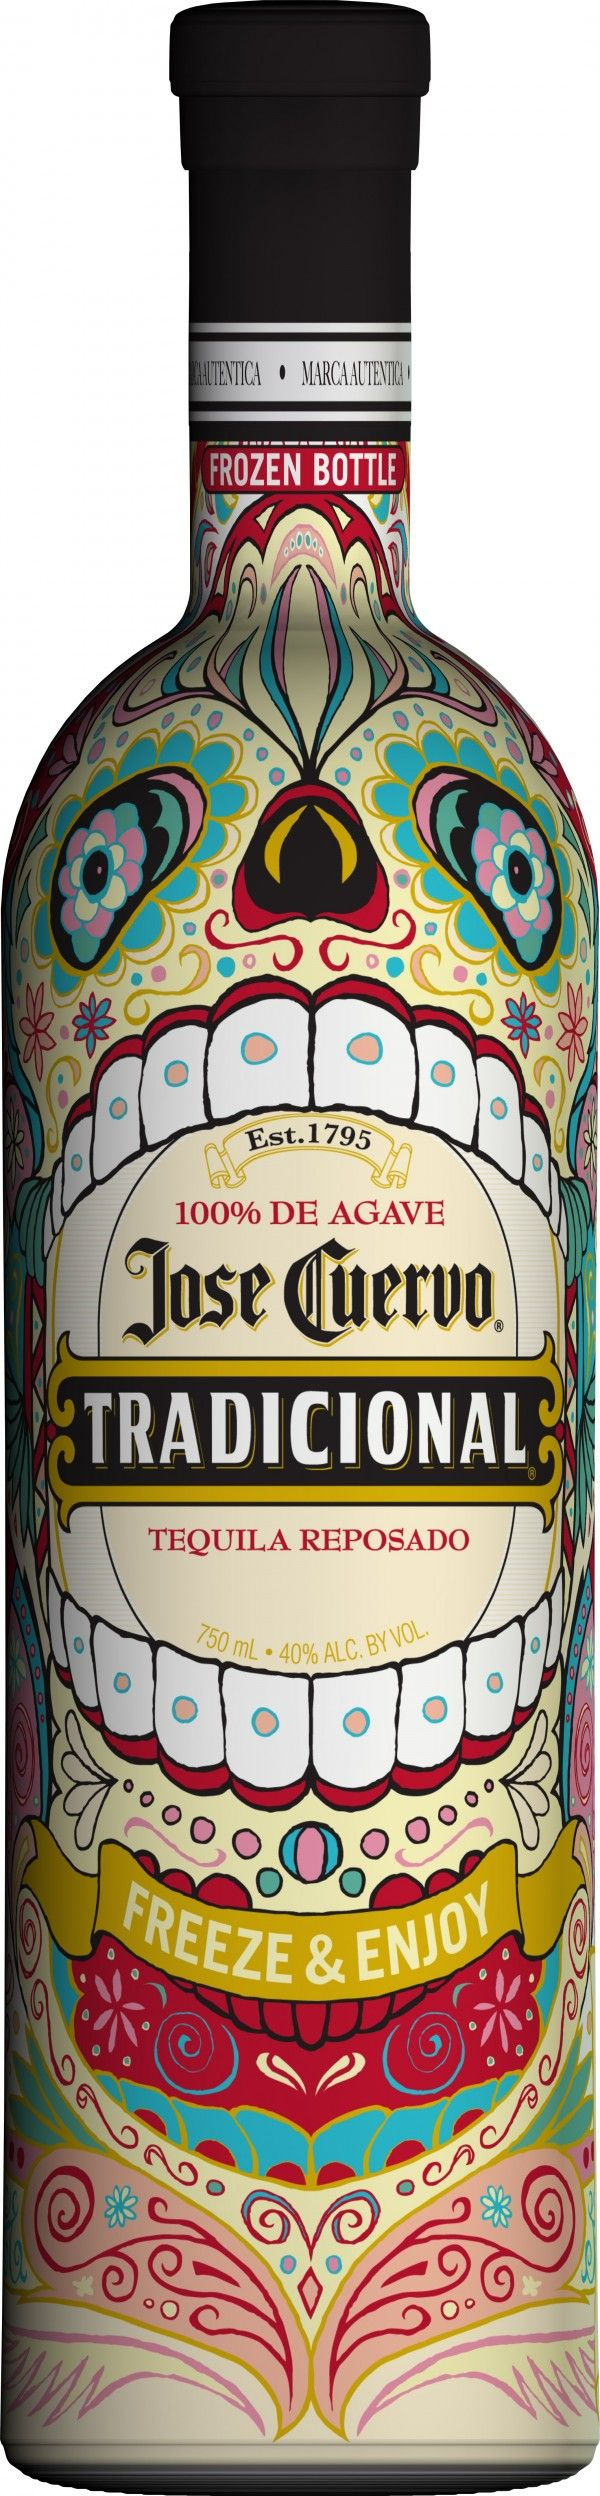 Mexican // Día de los Muertos // day of the dead inspired skeleton packaging